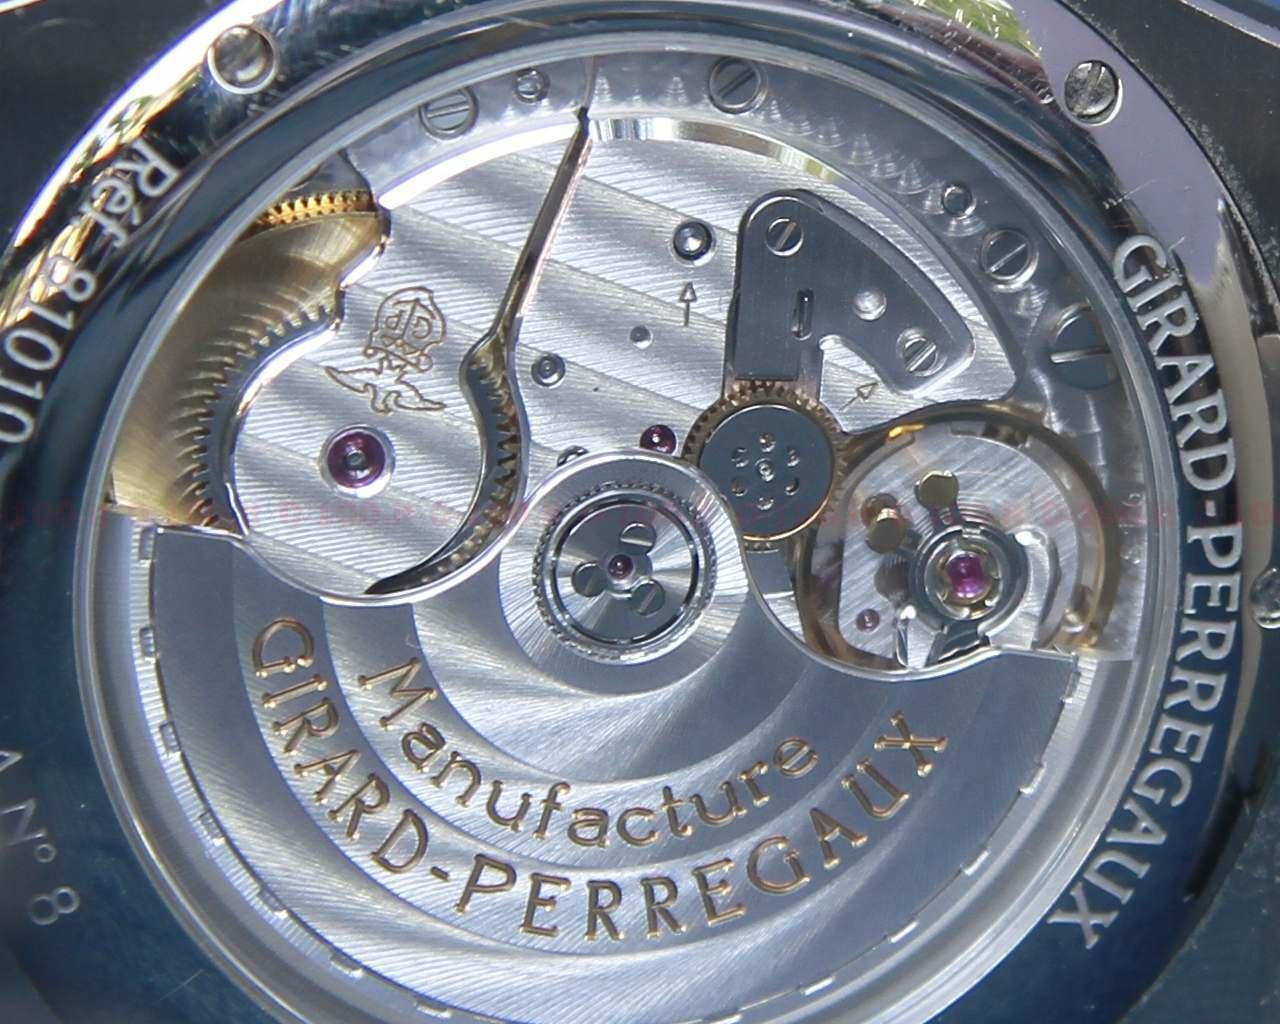 PRIMO CONTATTO_ il Laureato di Girard-Perregaux_prezzo_price_0-10032